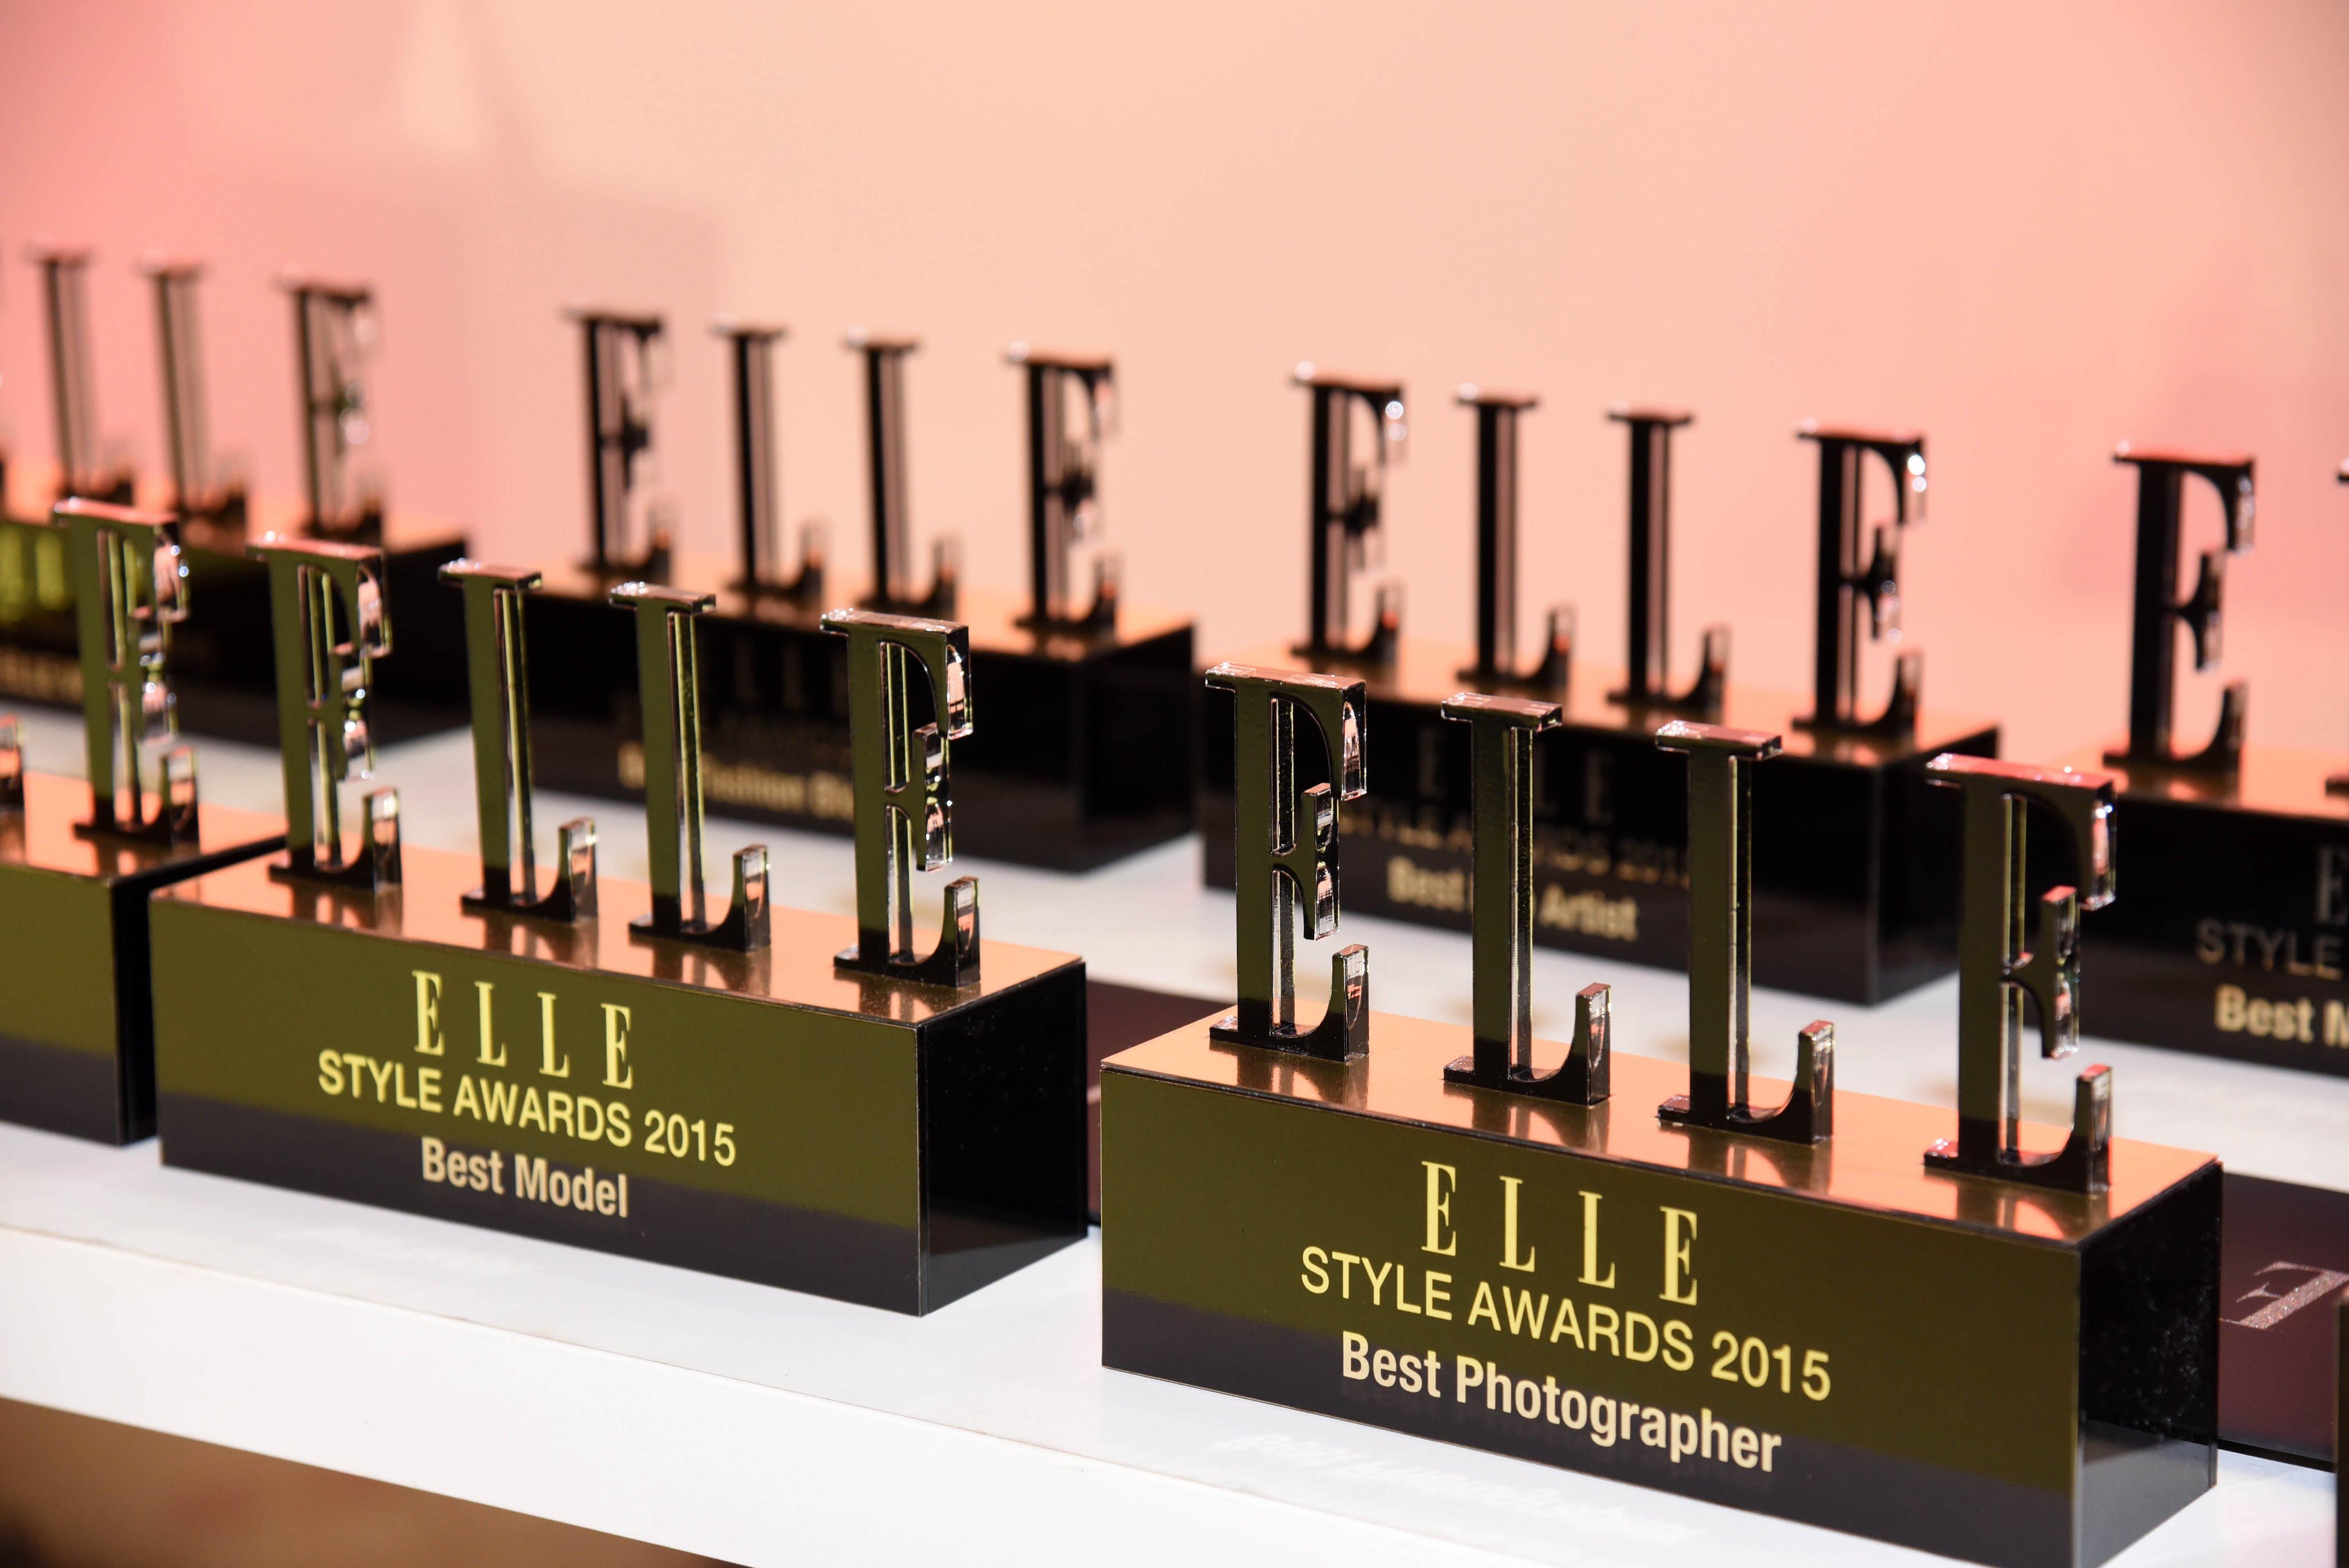 ELLE Style Awards dường như đã trở thành tiếng nói thời trang